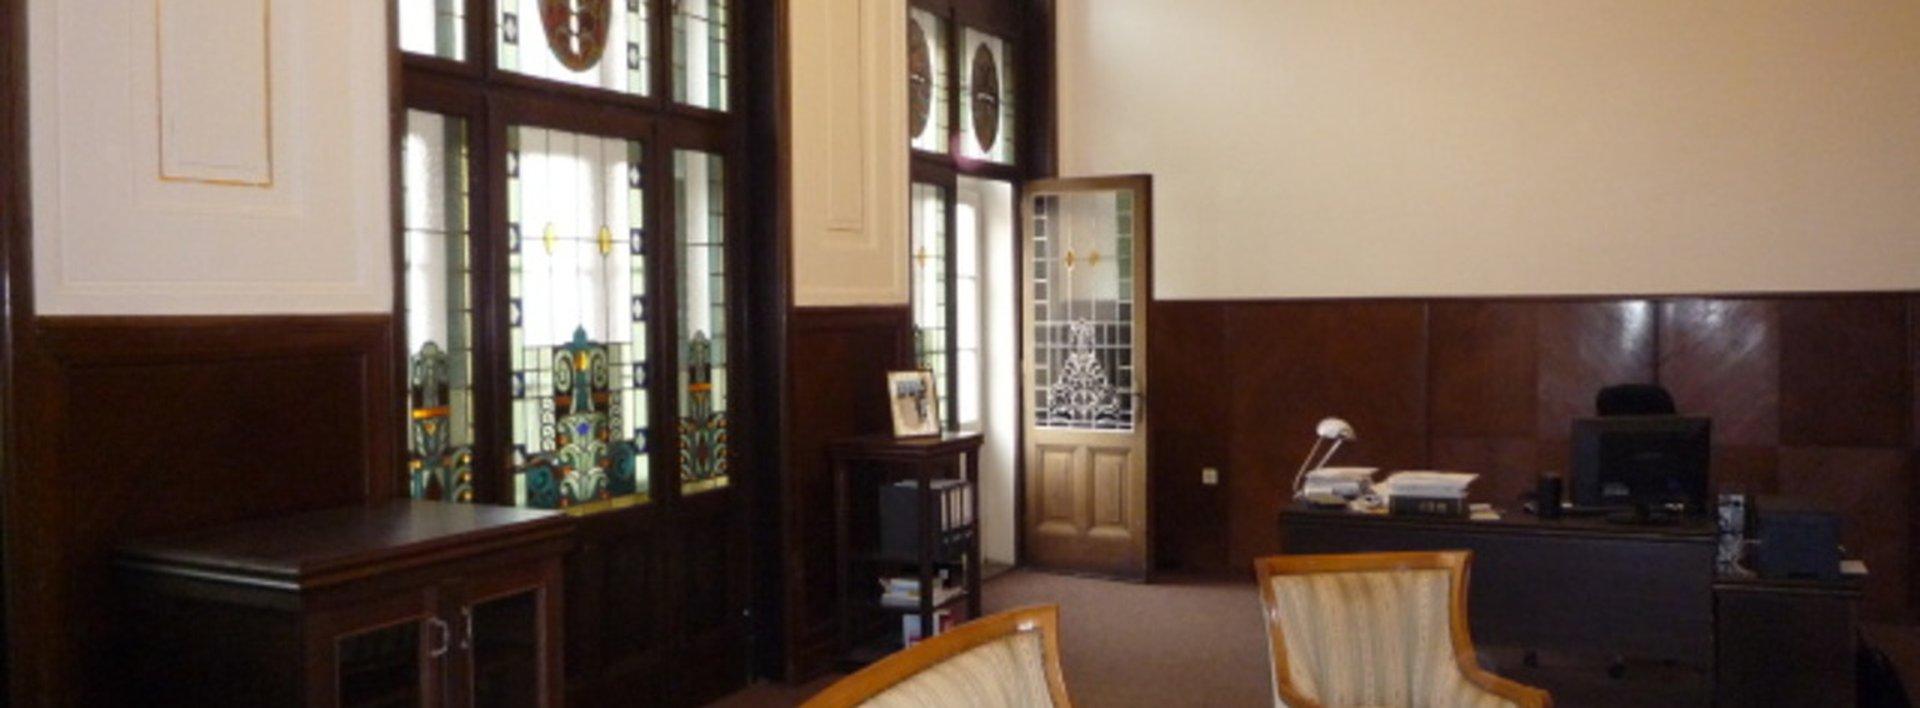 Pronájem,  kanceláře, cca 72 m2,  v samém centru Teplic v bývalé budově České spořitelny., Ev.č.: 46087-3